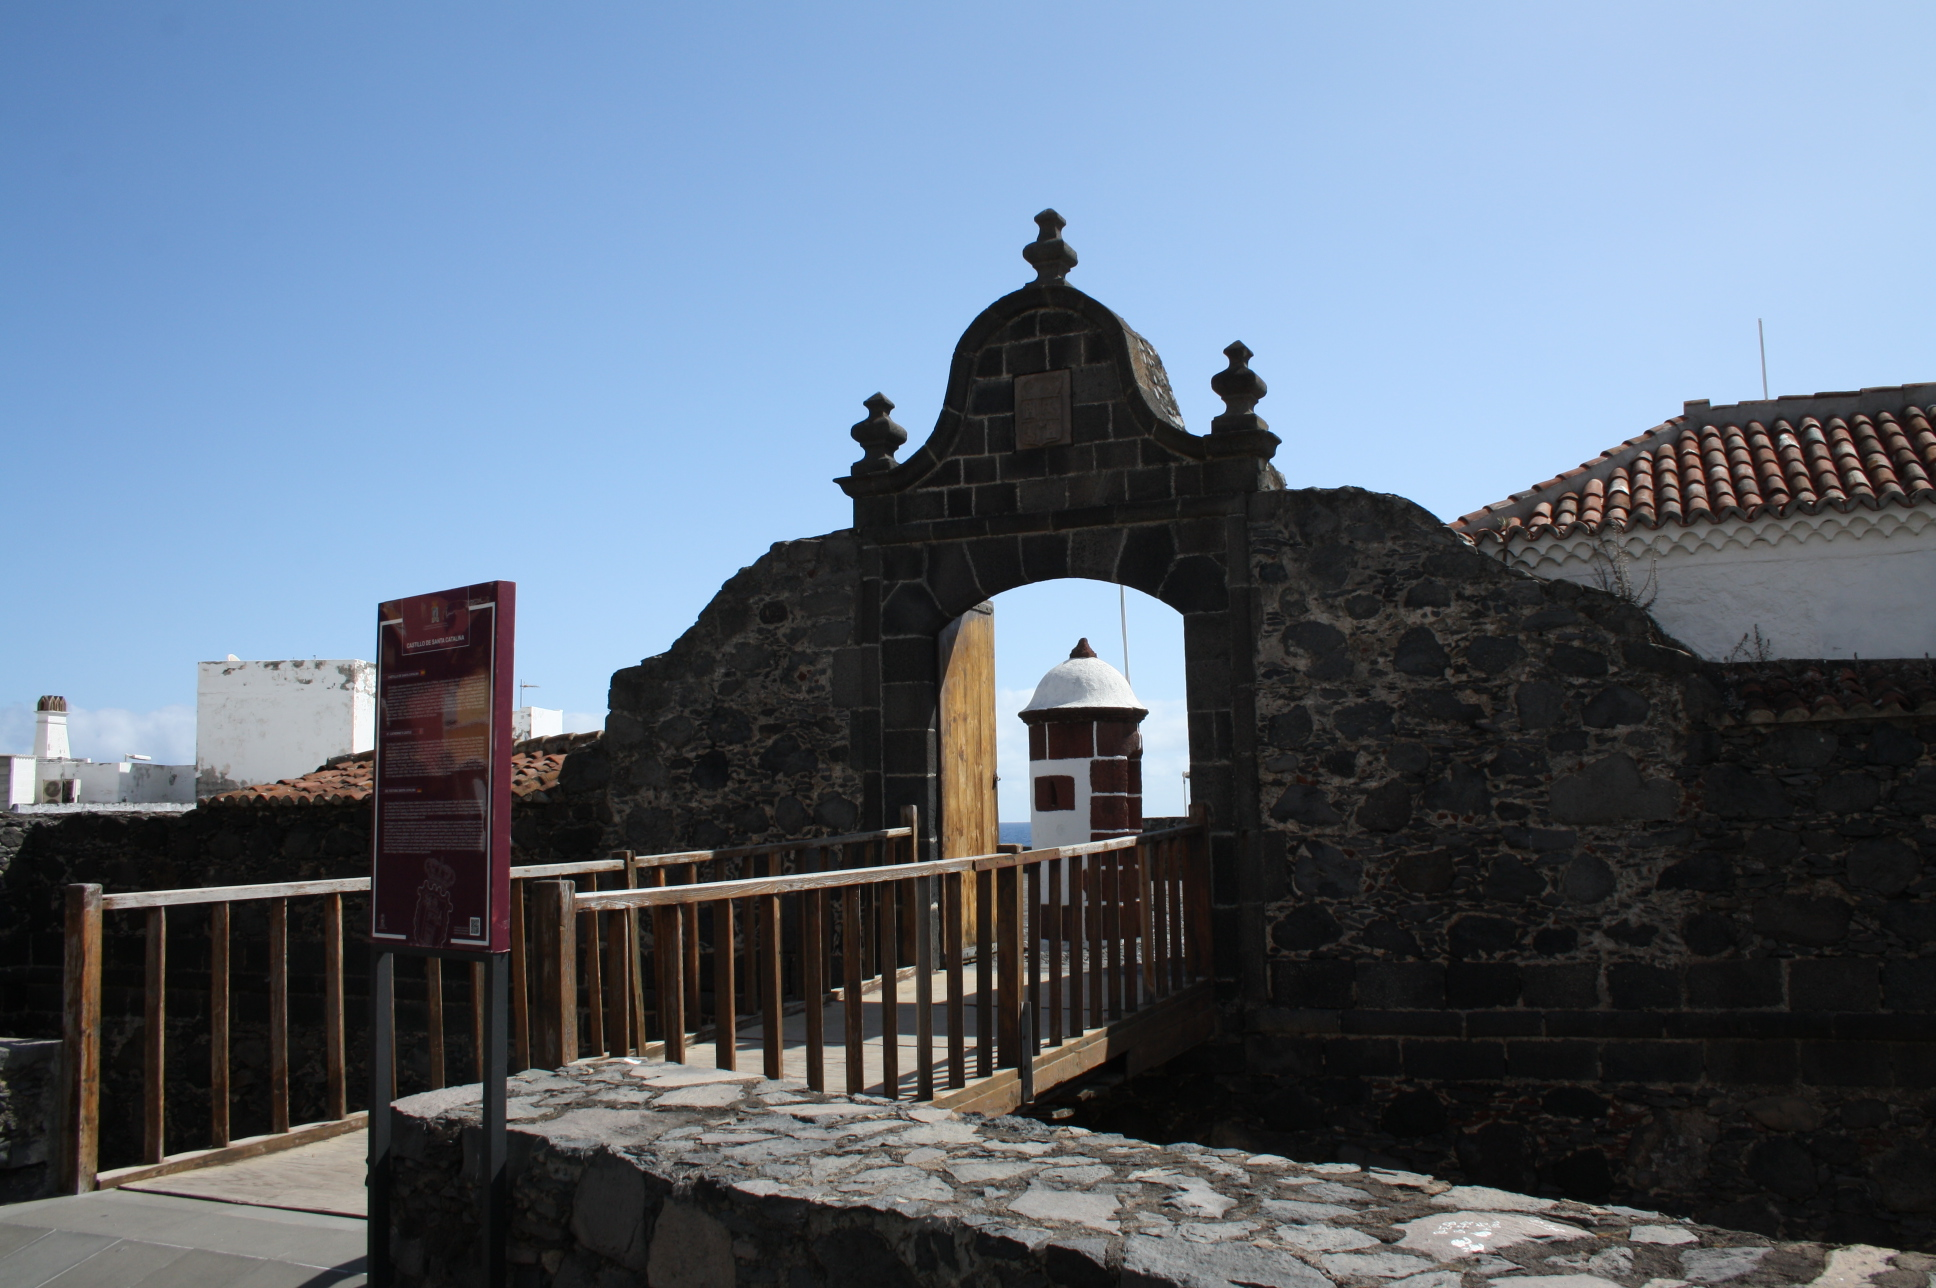 El Ayuntamiento de Santa Cruz de La Palma celebrará el V Centenario de la primera vuelta al mundo con rutas educativas para el alumnado